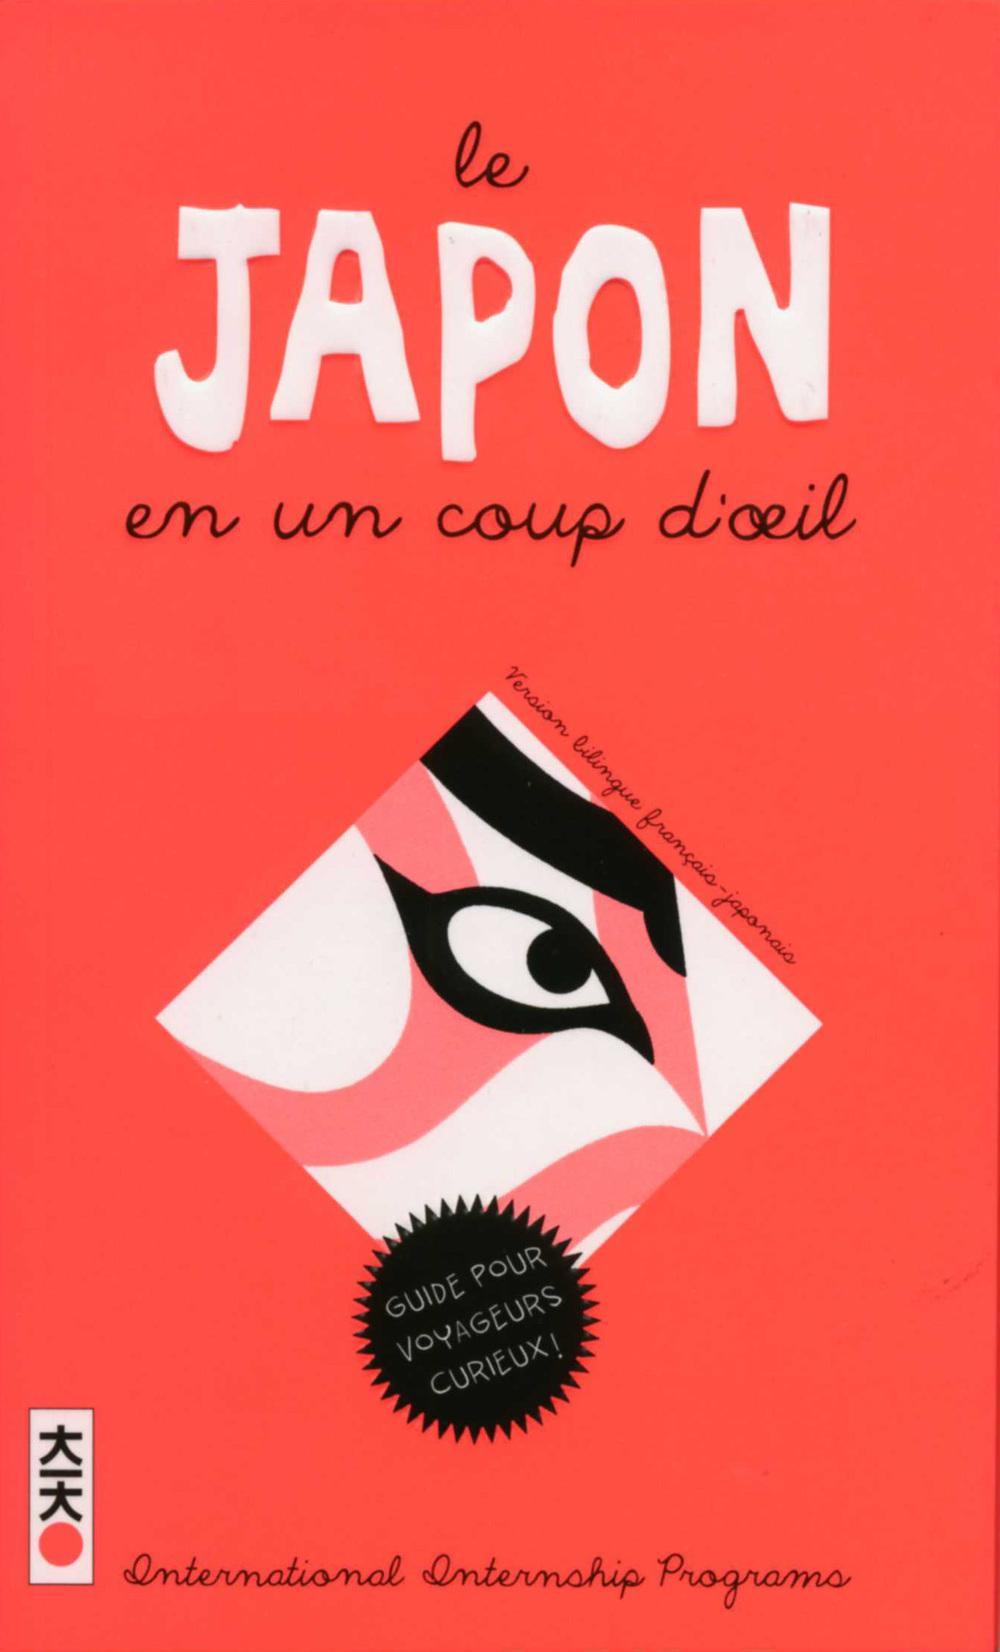 Japoncoupd'oeil001.jpg